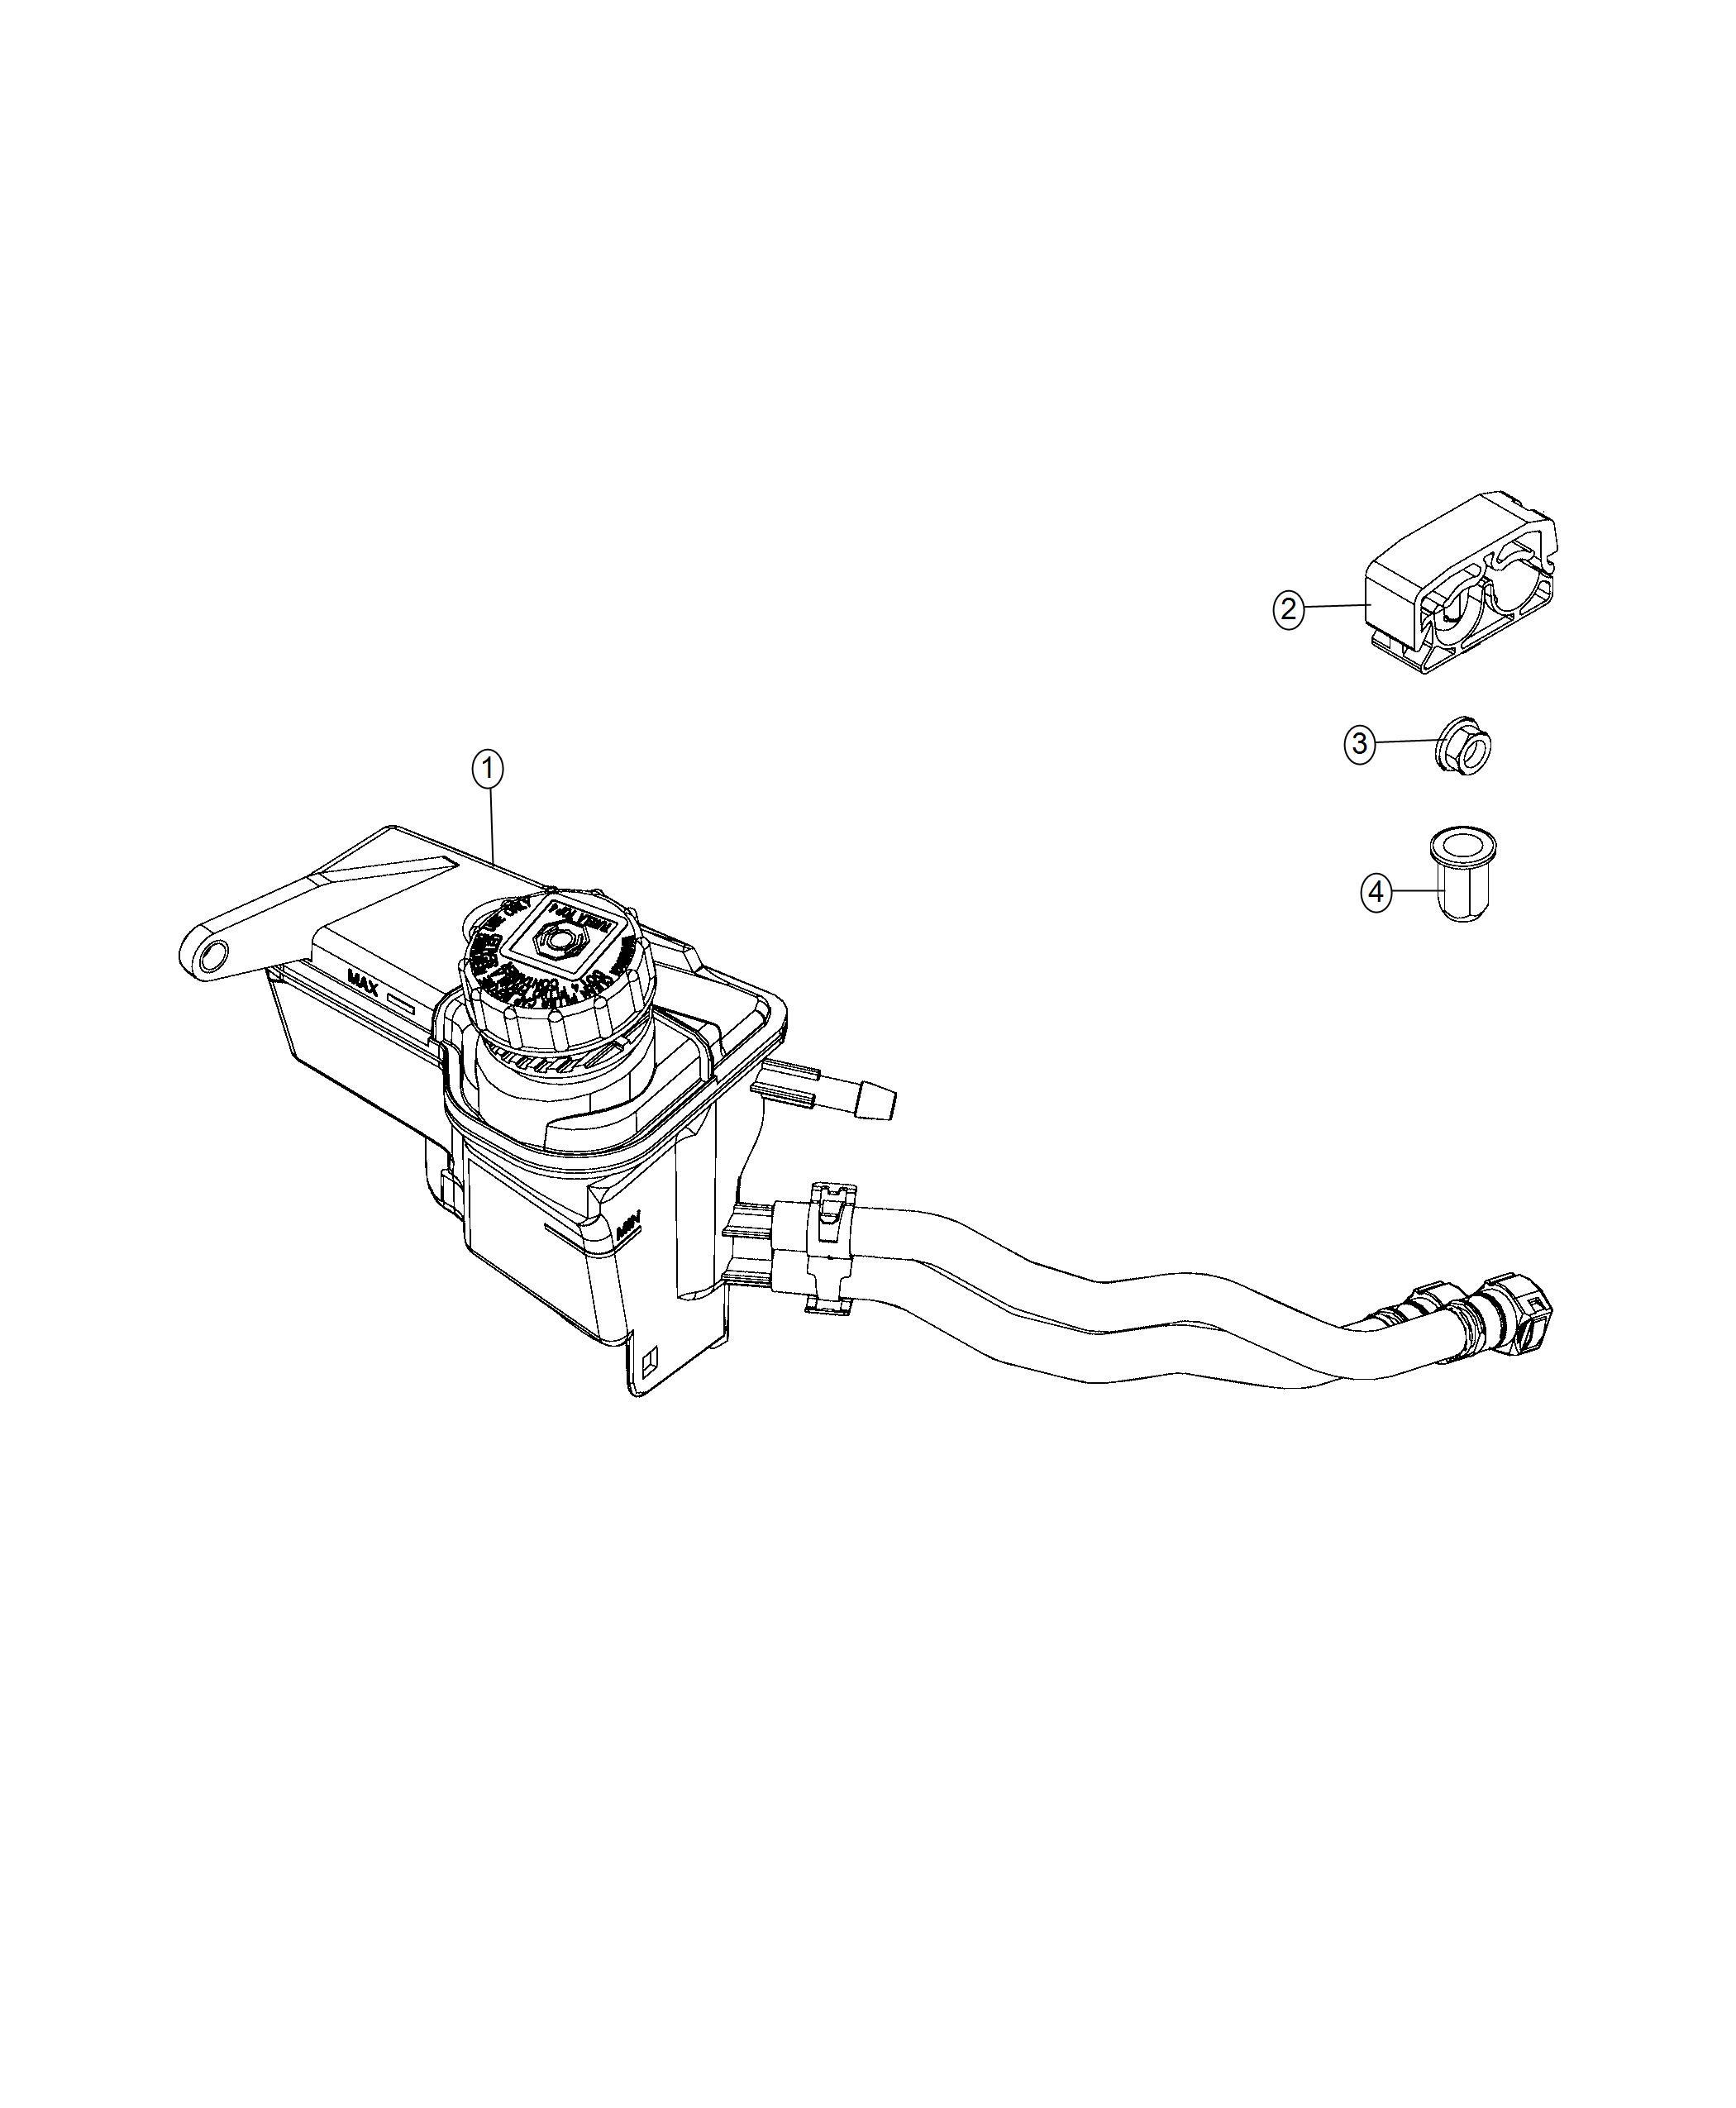 Jeep Renegade Nut Rivet Stud M6x1 0 M6x1 00x20 Sensor Bracket